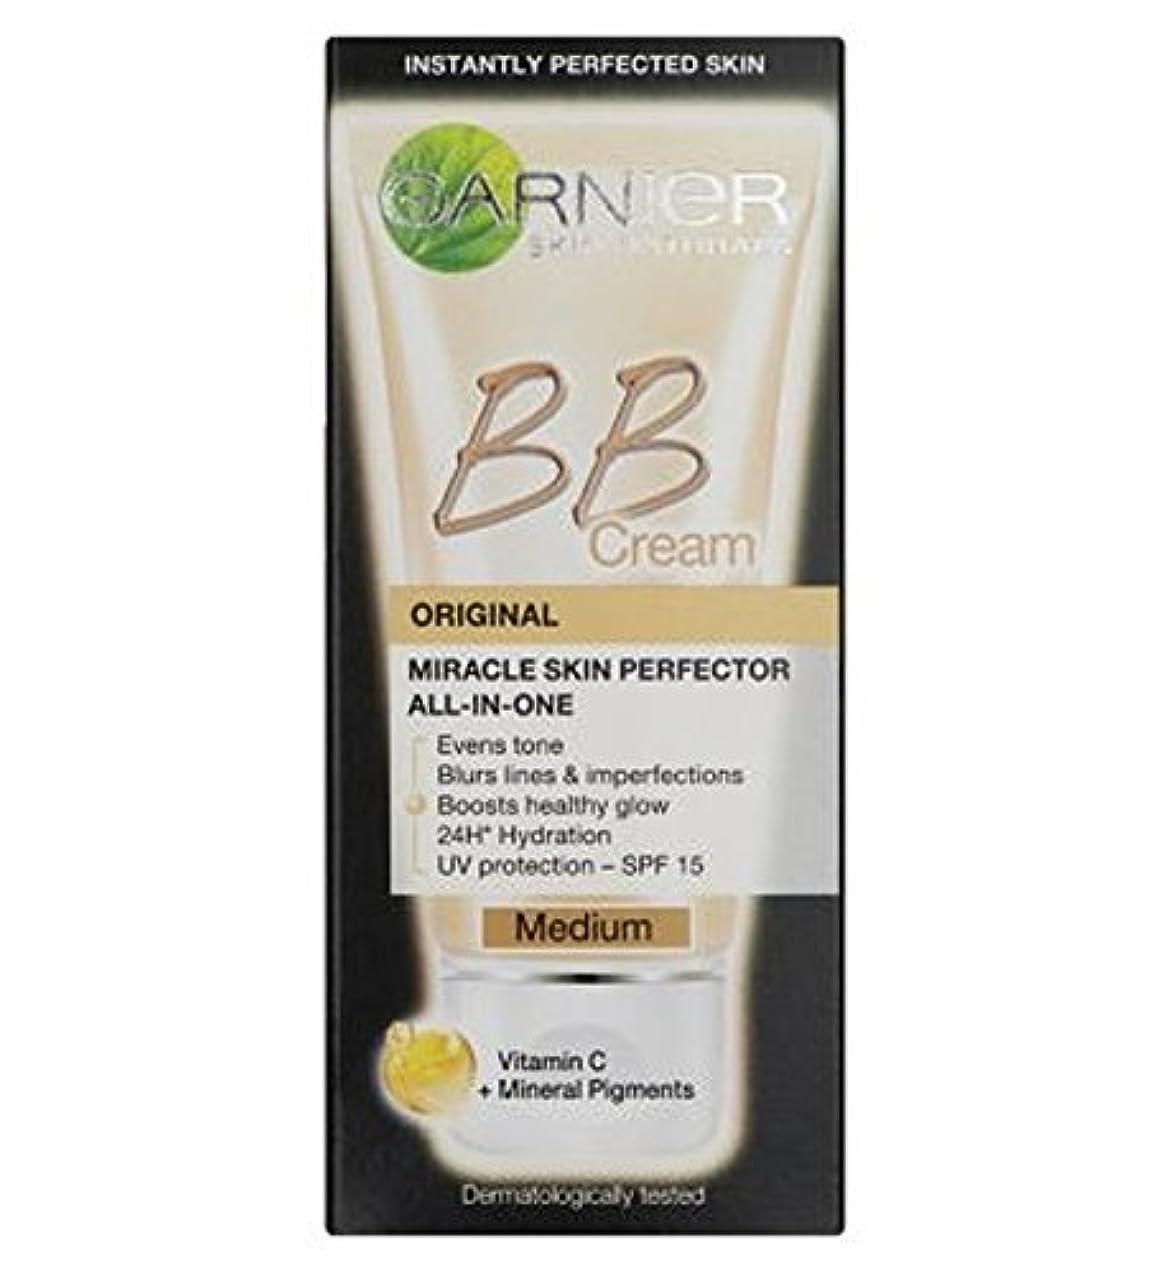 暴動教養がある比較的毎日オールインワンB.B.ガルニエスキンパーフェク傷バームクリーム培地50ミリリットル (Garnier) (x2) - Garnier Skin Perfector Daily All-In-One B.B. Blemish...